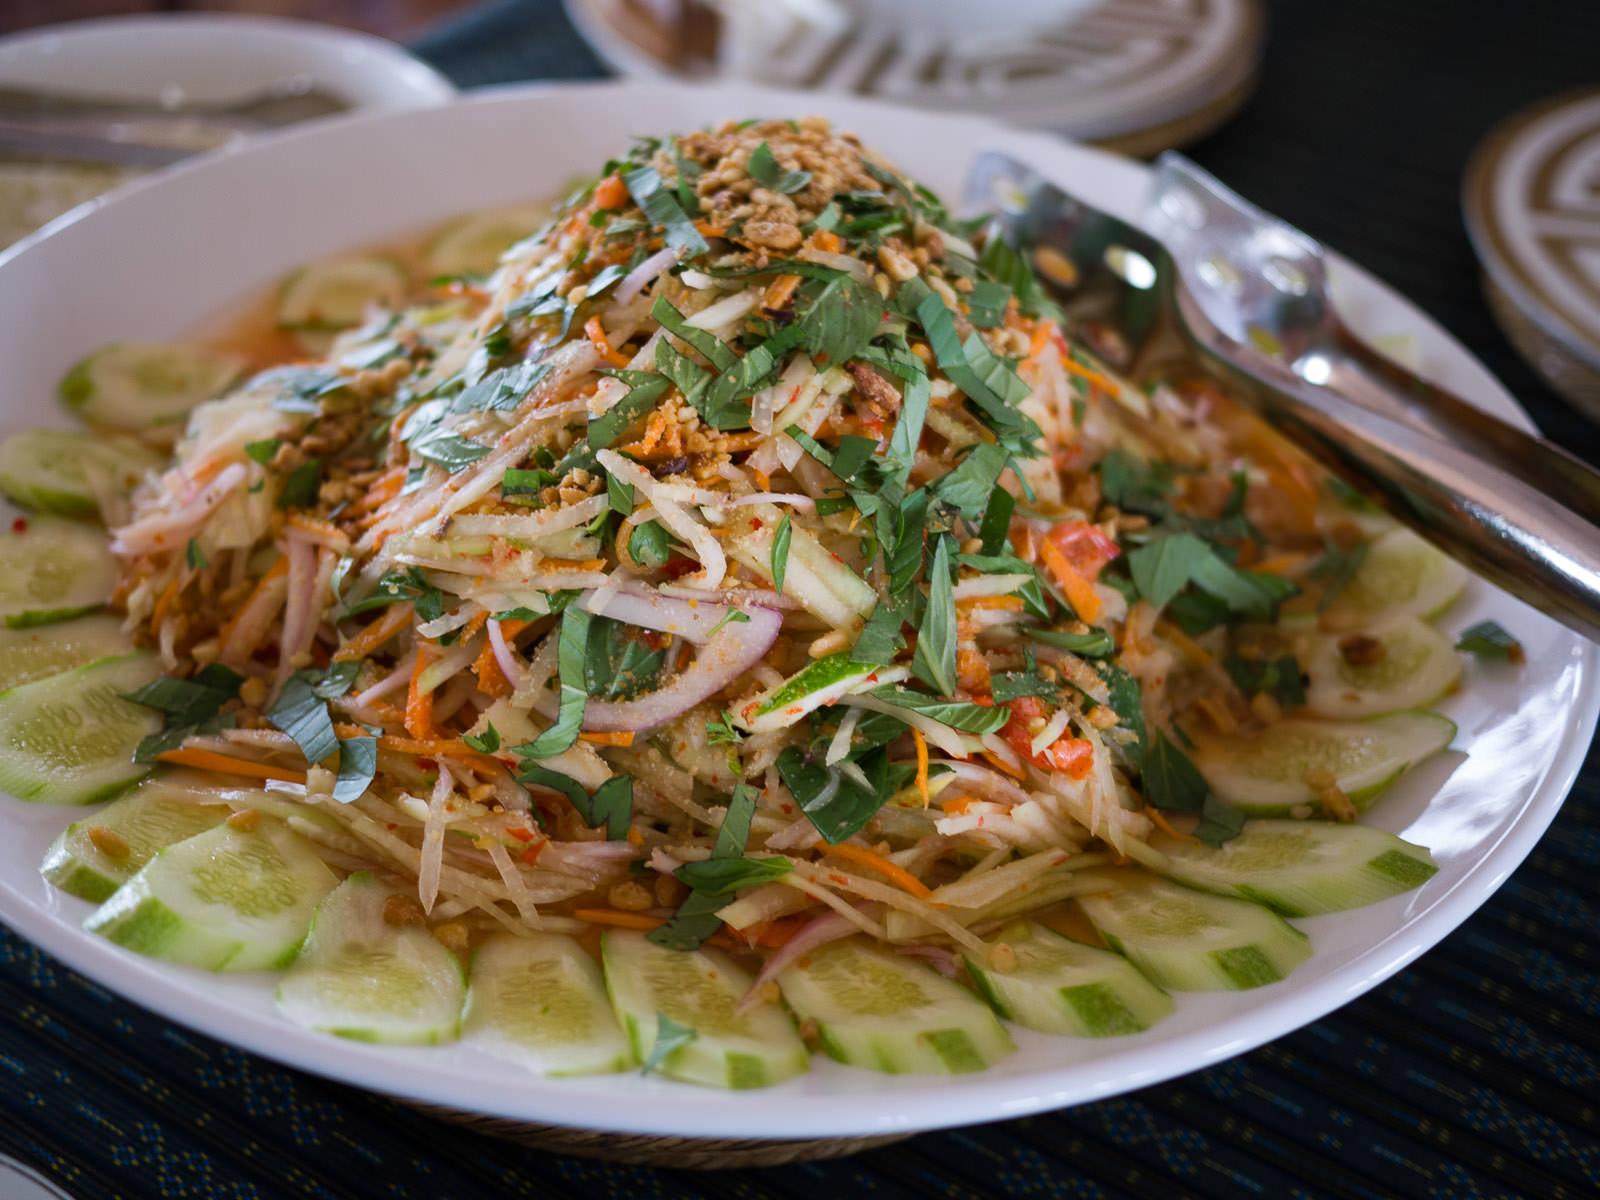 Green papaya salad with dried shrimps